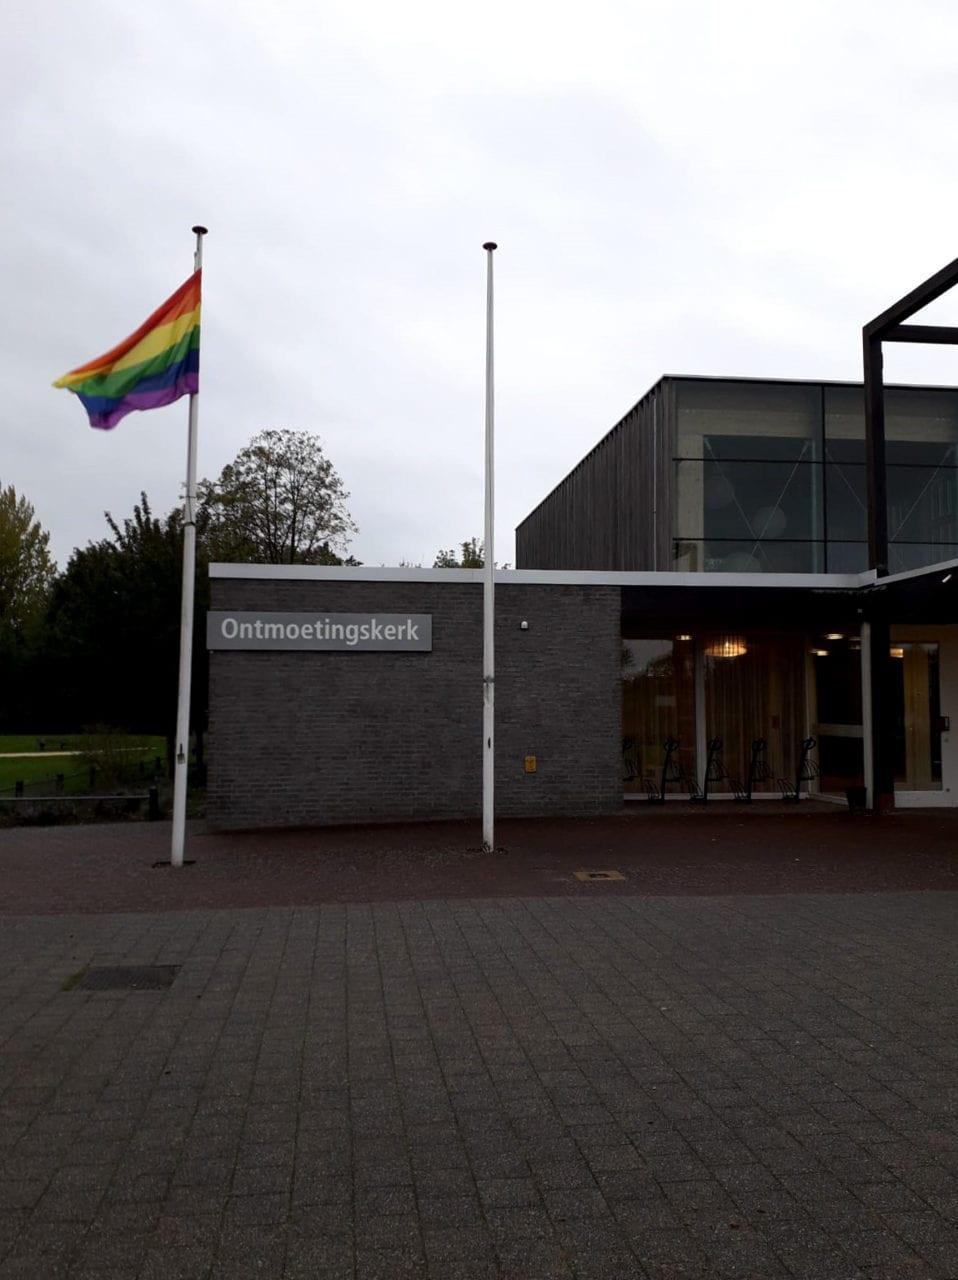 De Ontmoetingskerk hijst vandaag de regenboogvlag